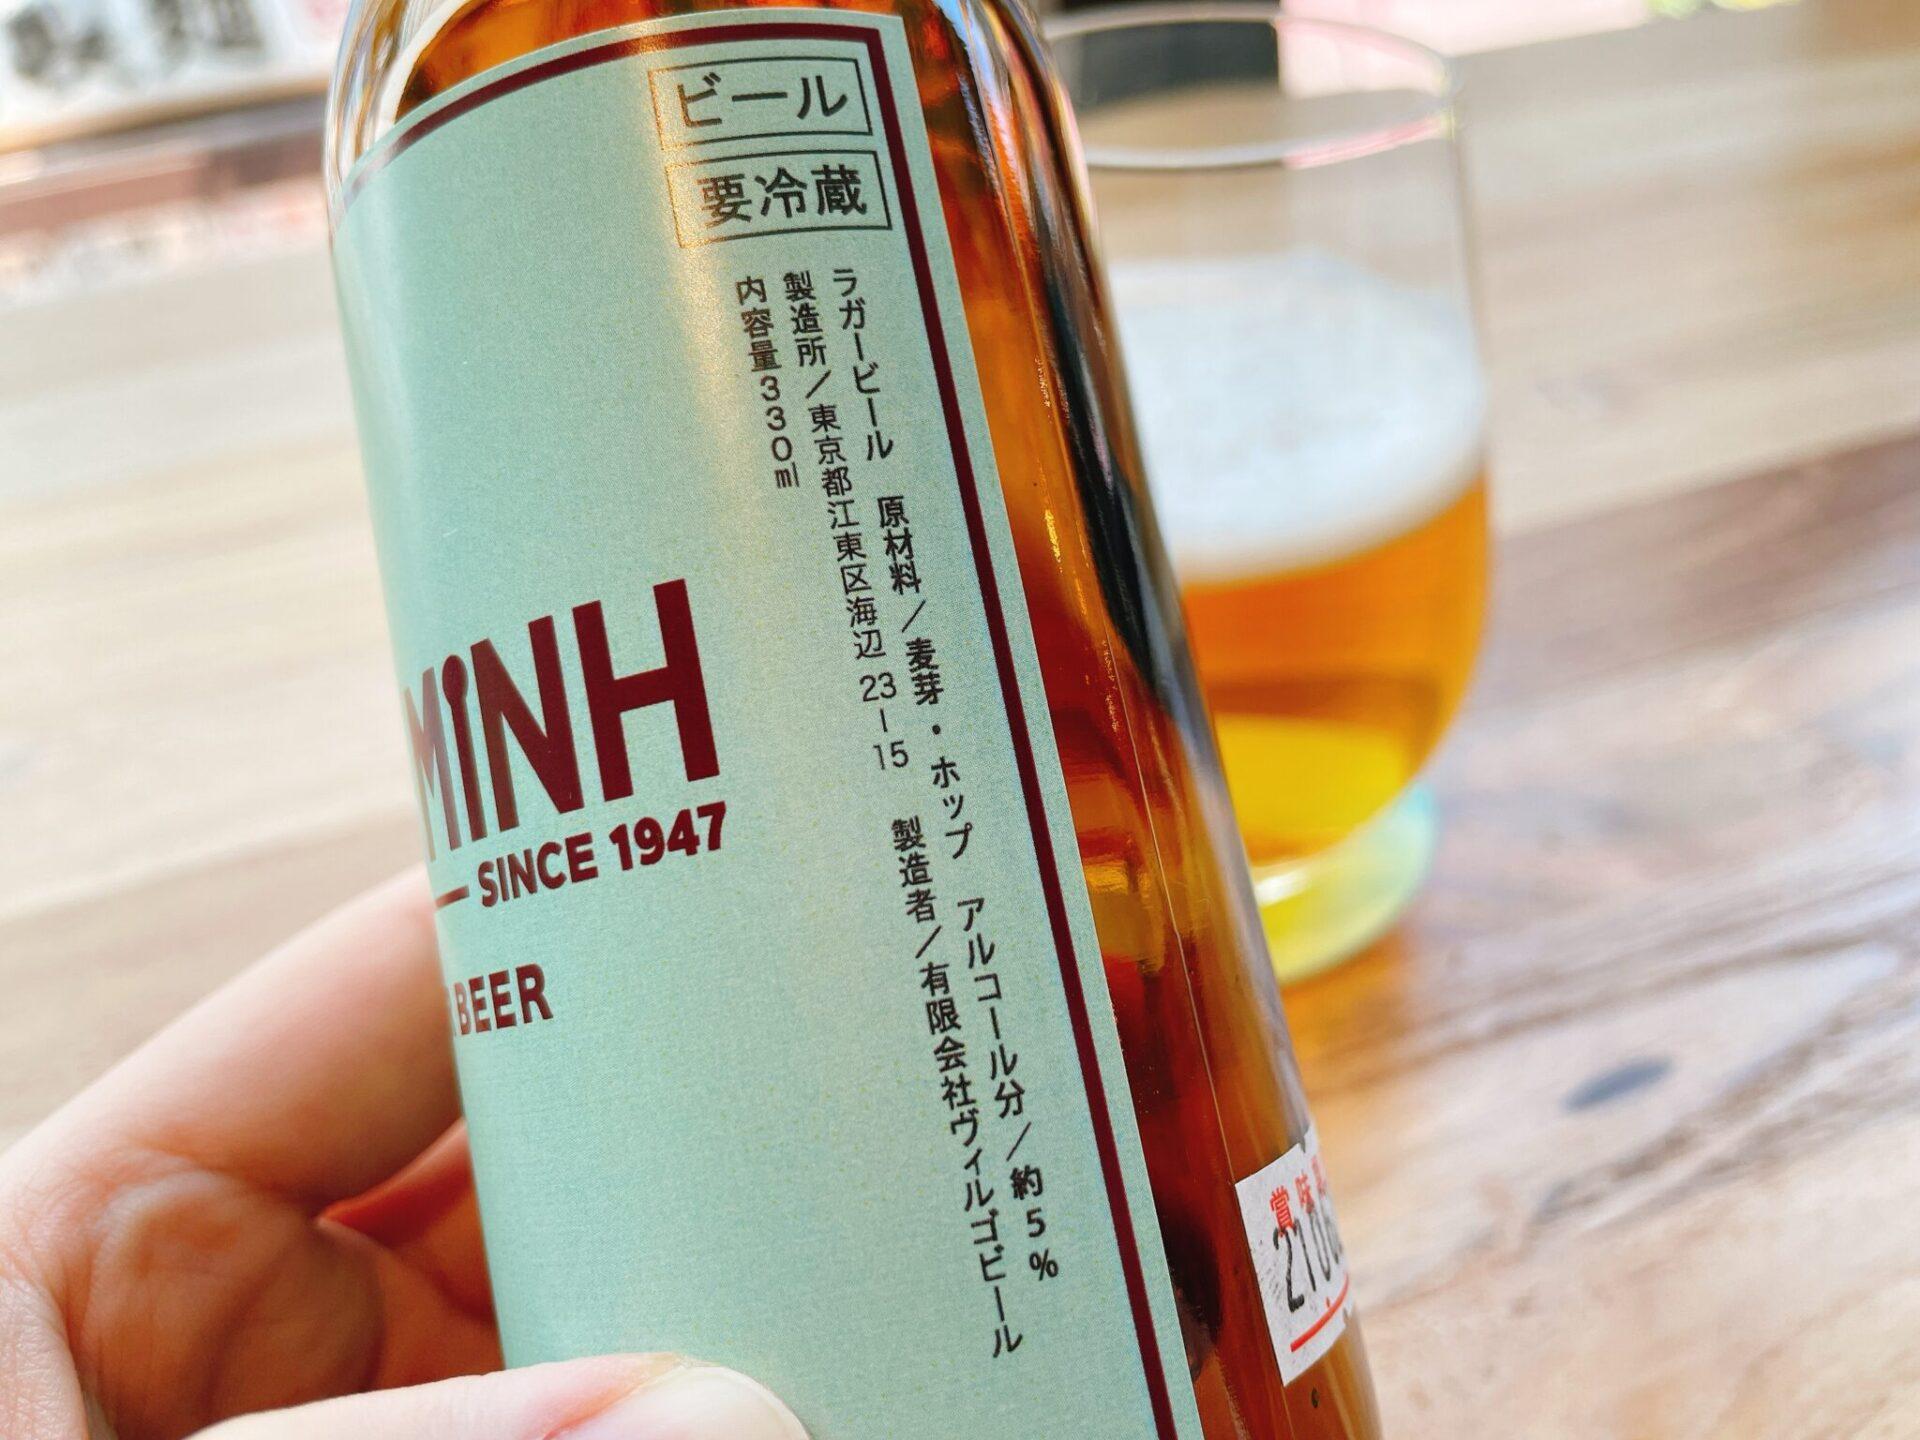 フォーミン 下北沢のクラフトビール